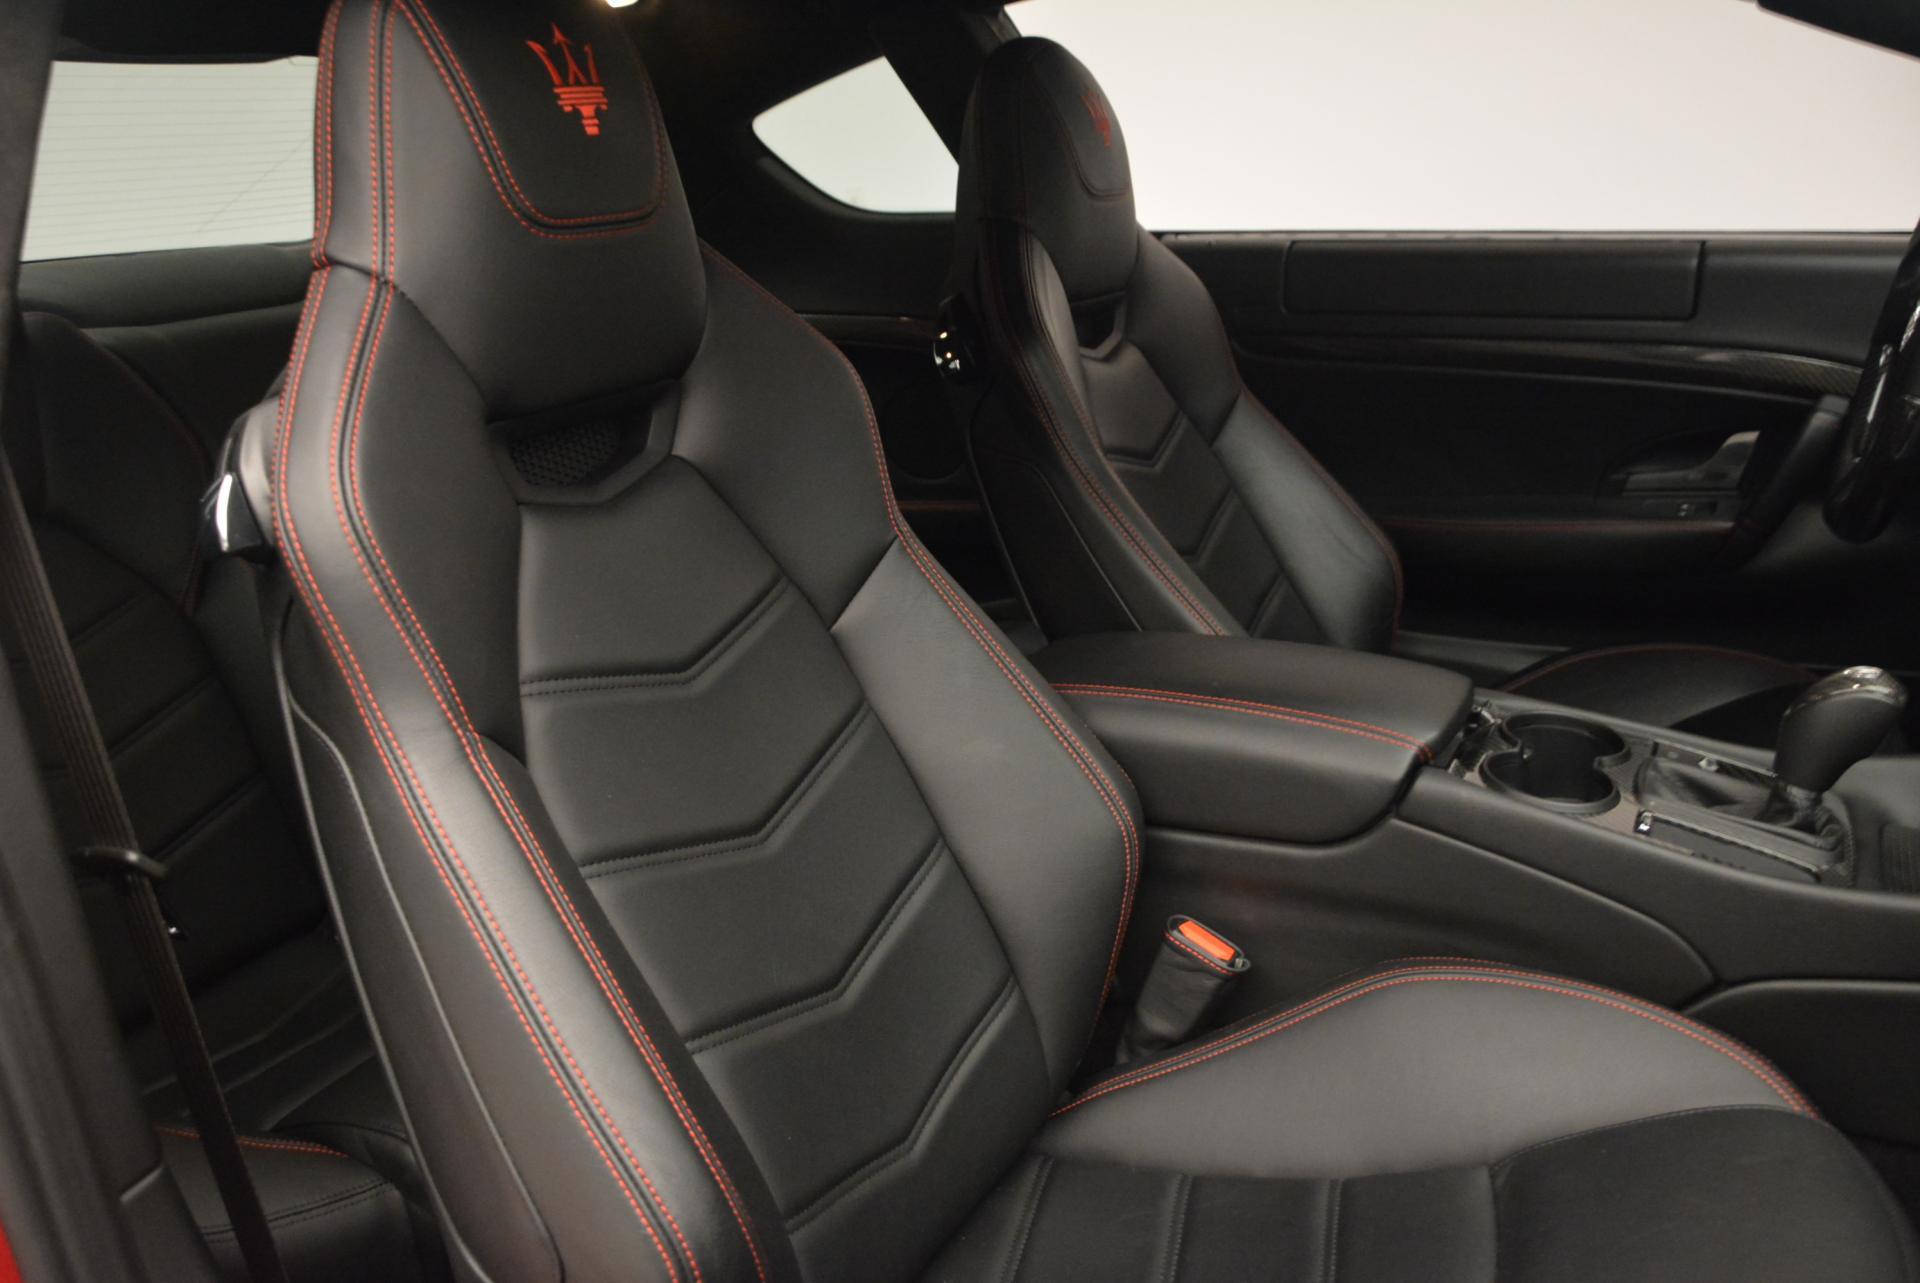 Used 2014 Maserati GranTurismo MC For Sale In Westport, CT 525_p22